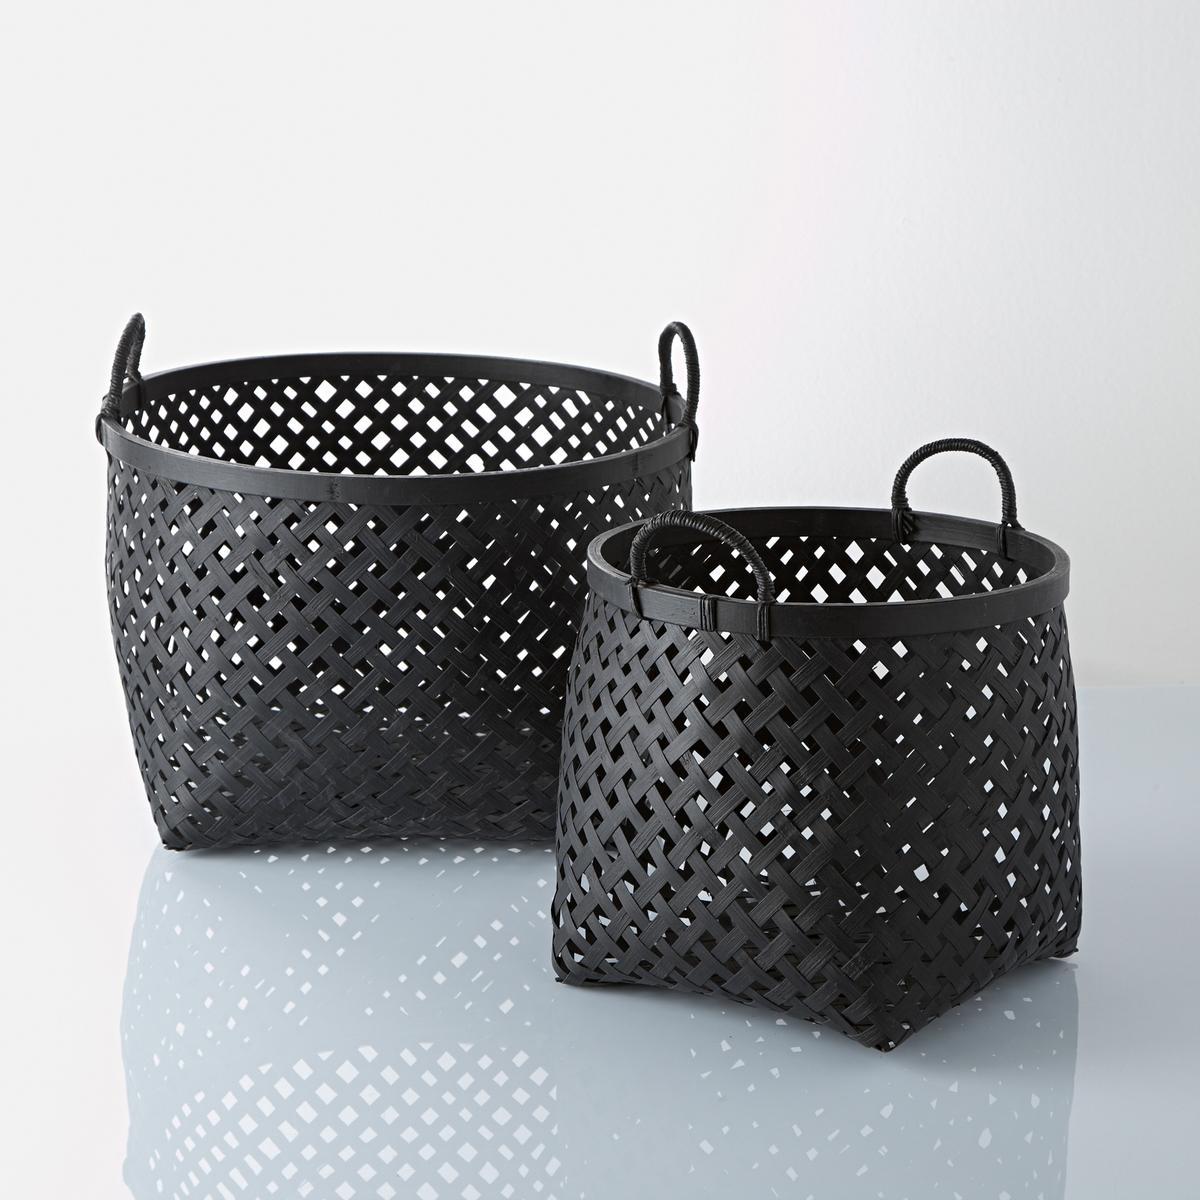 Комплект из 2 корзин Tigra La Redoute La Redoute единый размер черный комплект из 2 вешалок koishi la redoute la redoute единый размер черный